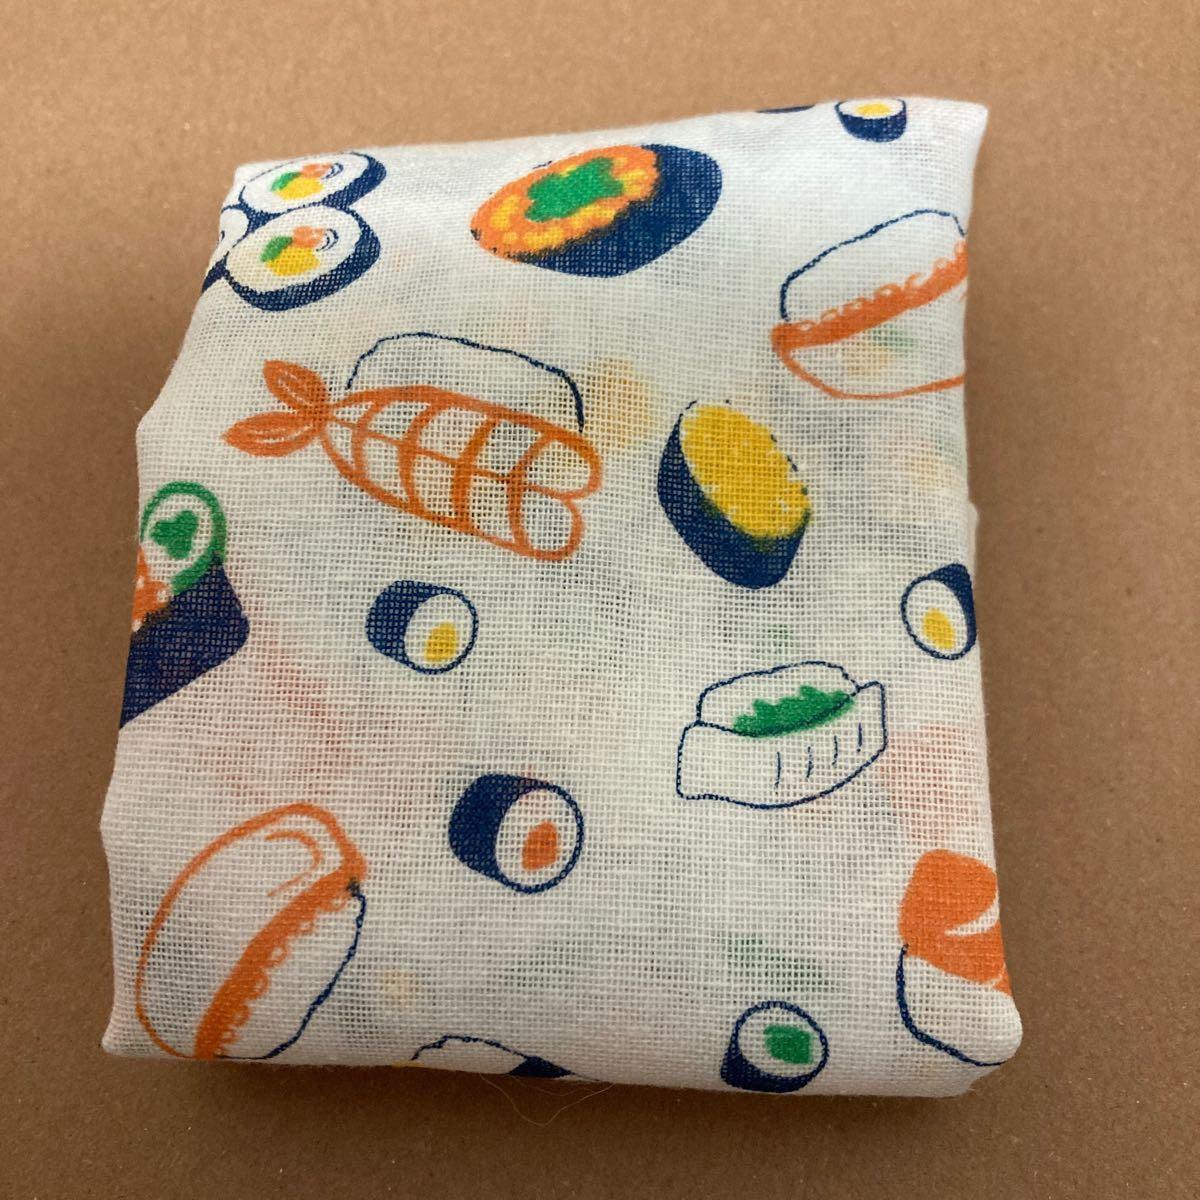 ハンドメイド  エコバッグ  綿 寿司